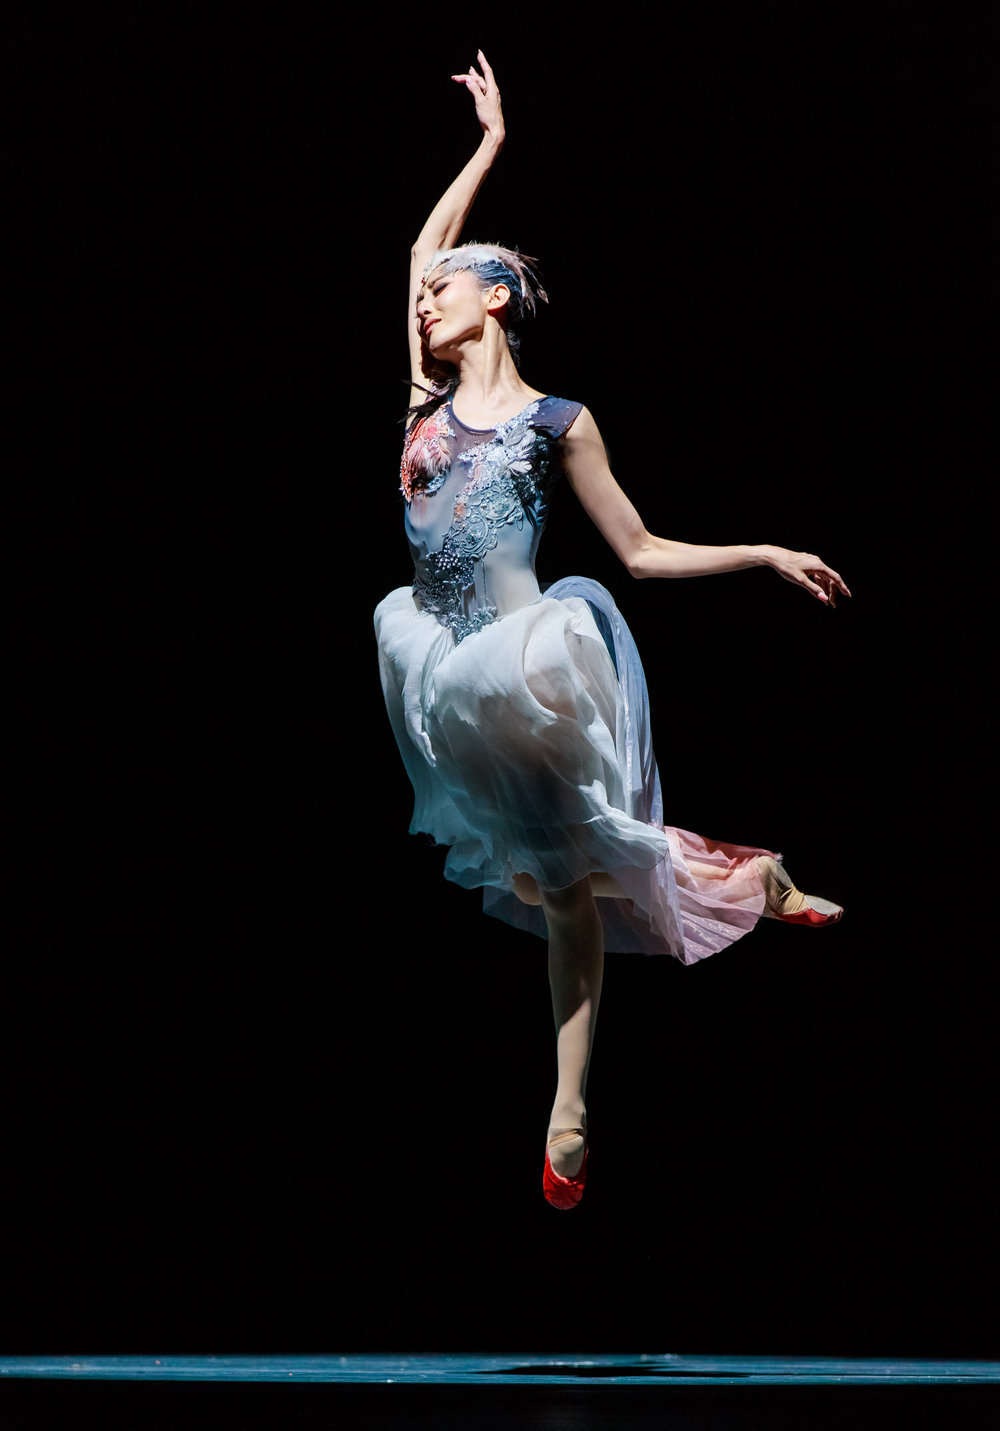 Zhu Jiejing. Soaring Wings